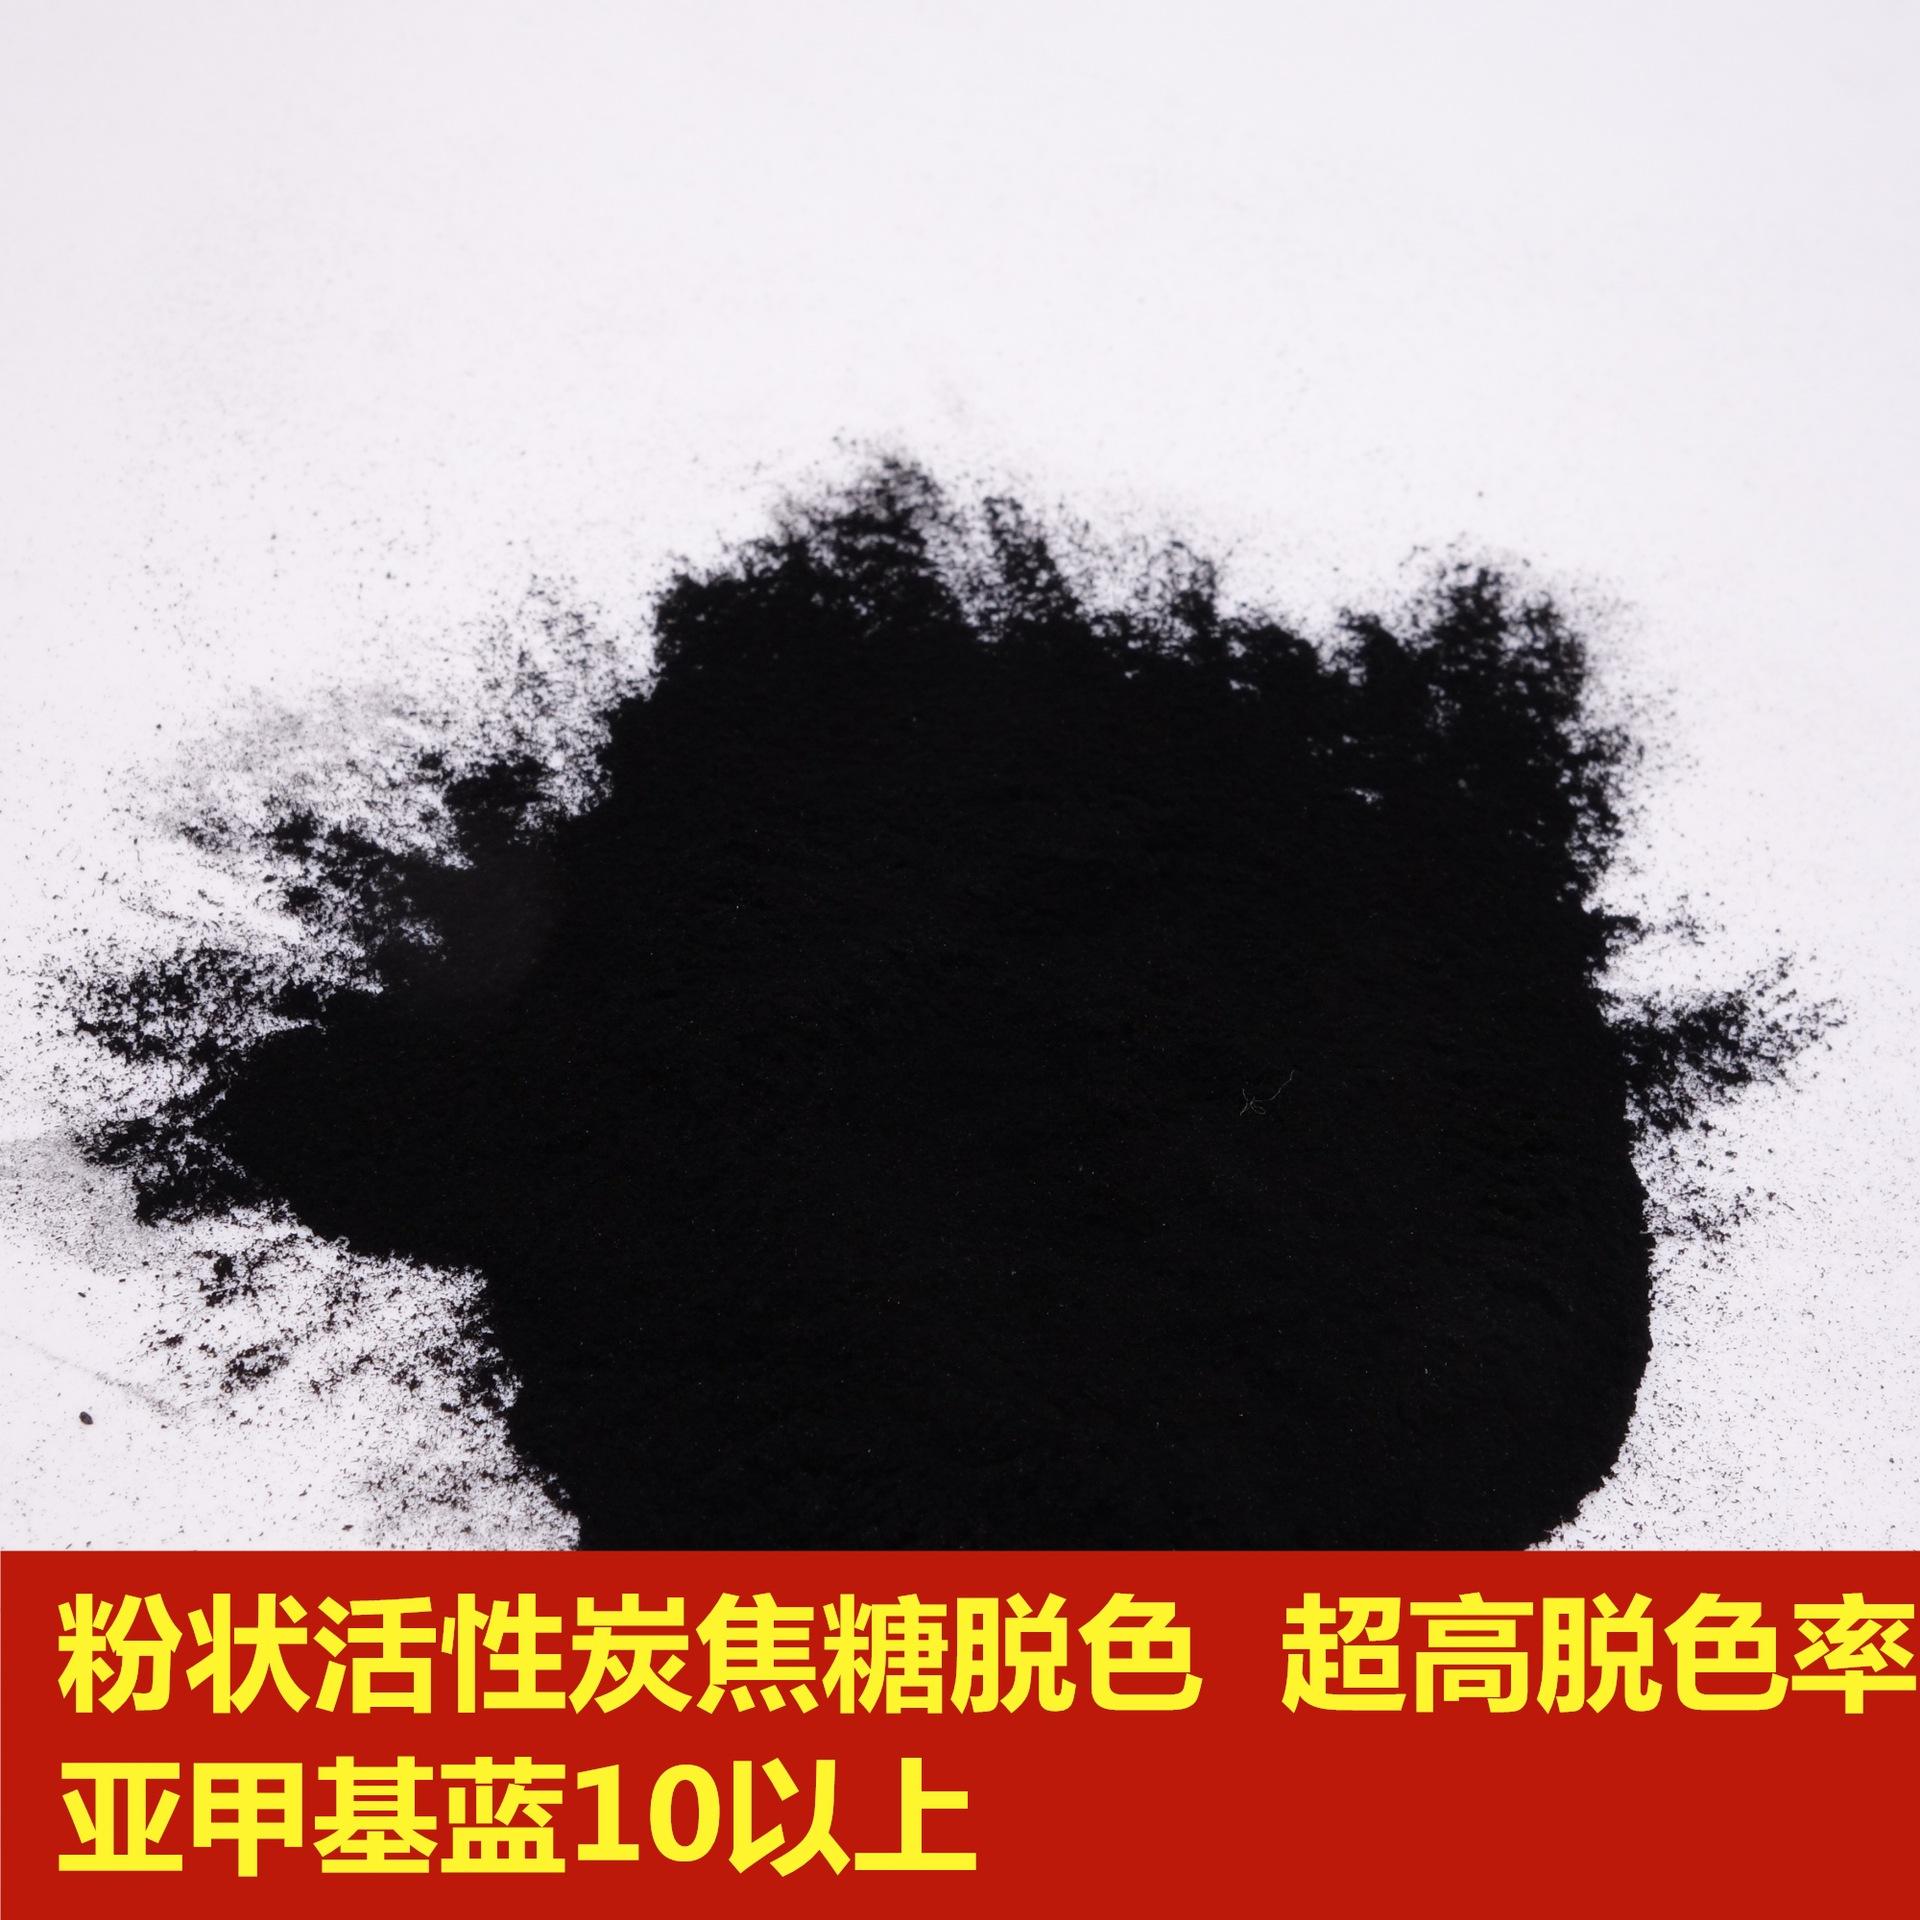 洛阳球形活性炭低价处理思源专卖